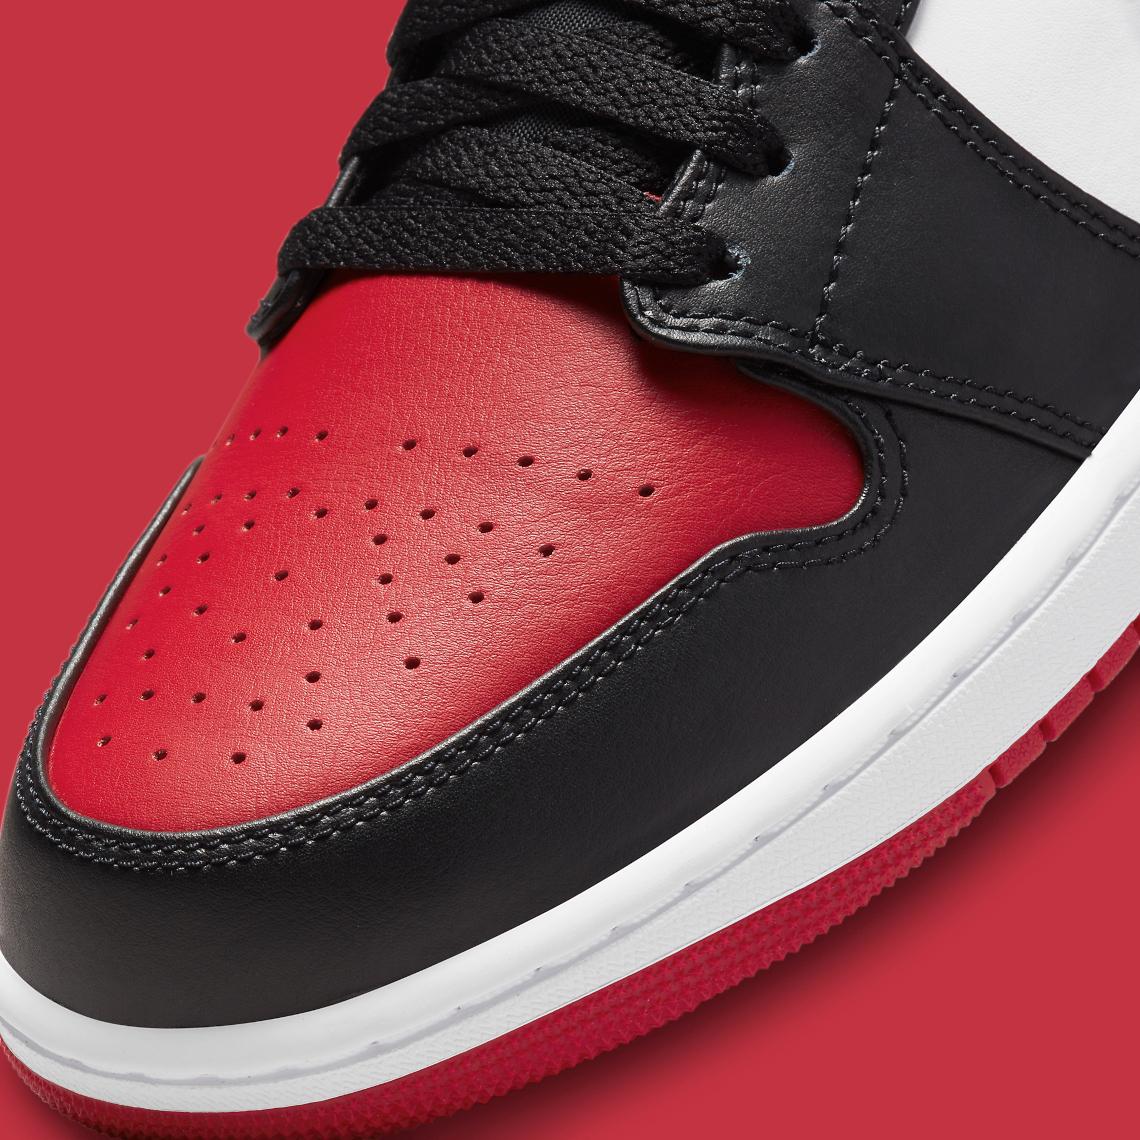 """Air Jordan 1 Low """"Bred Toe"""""""